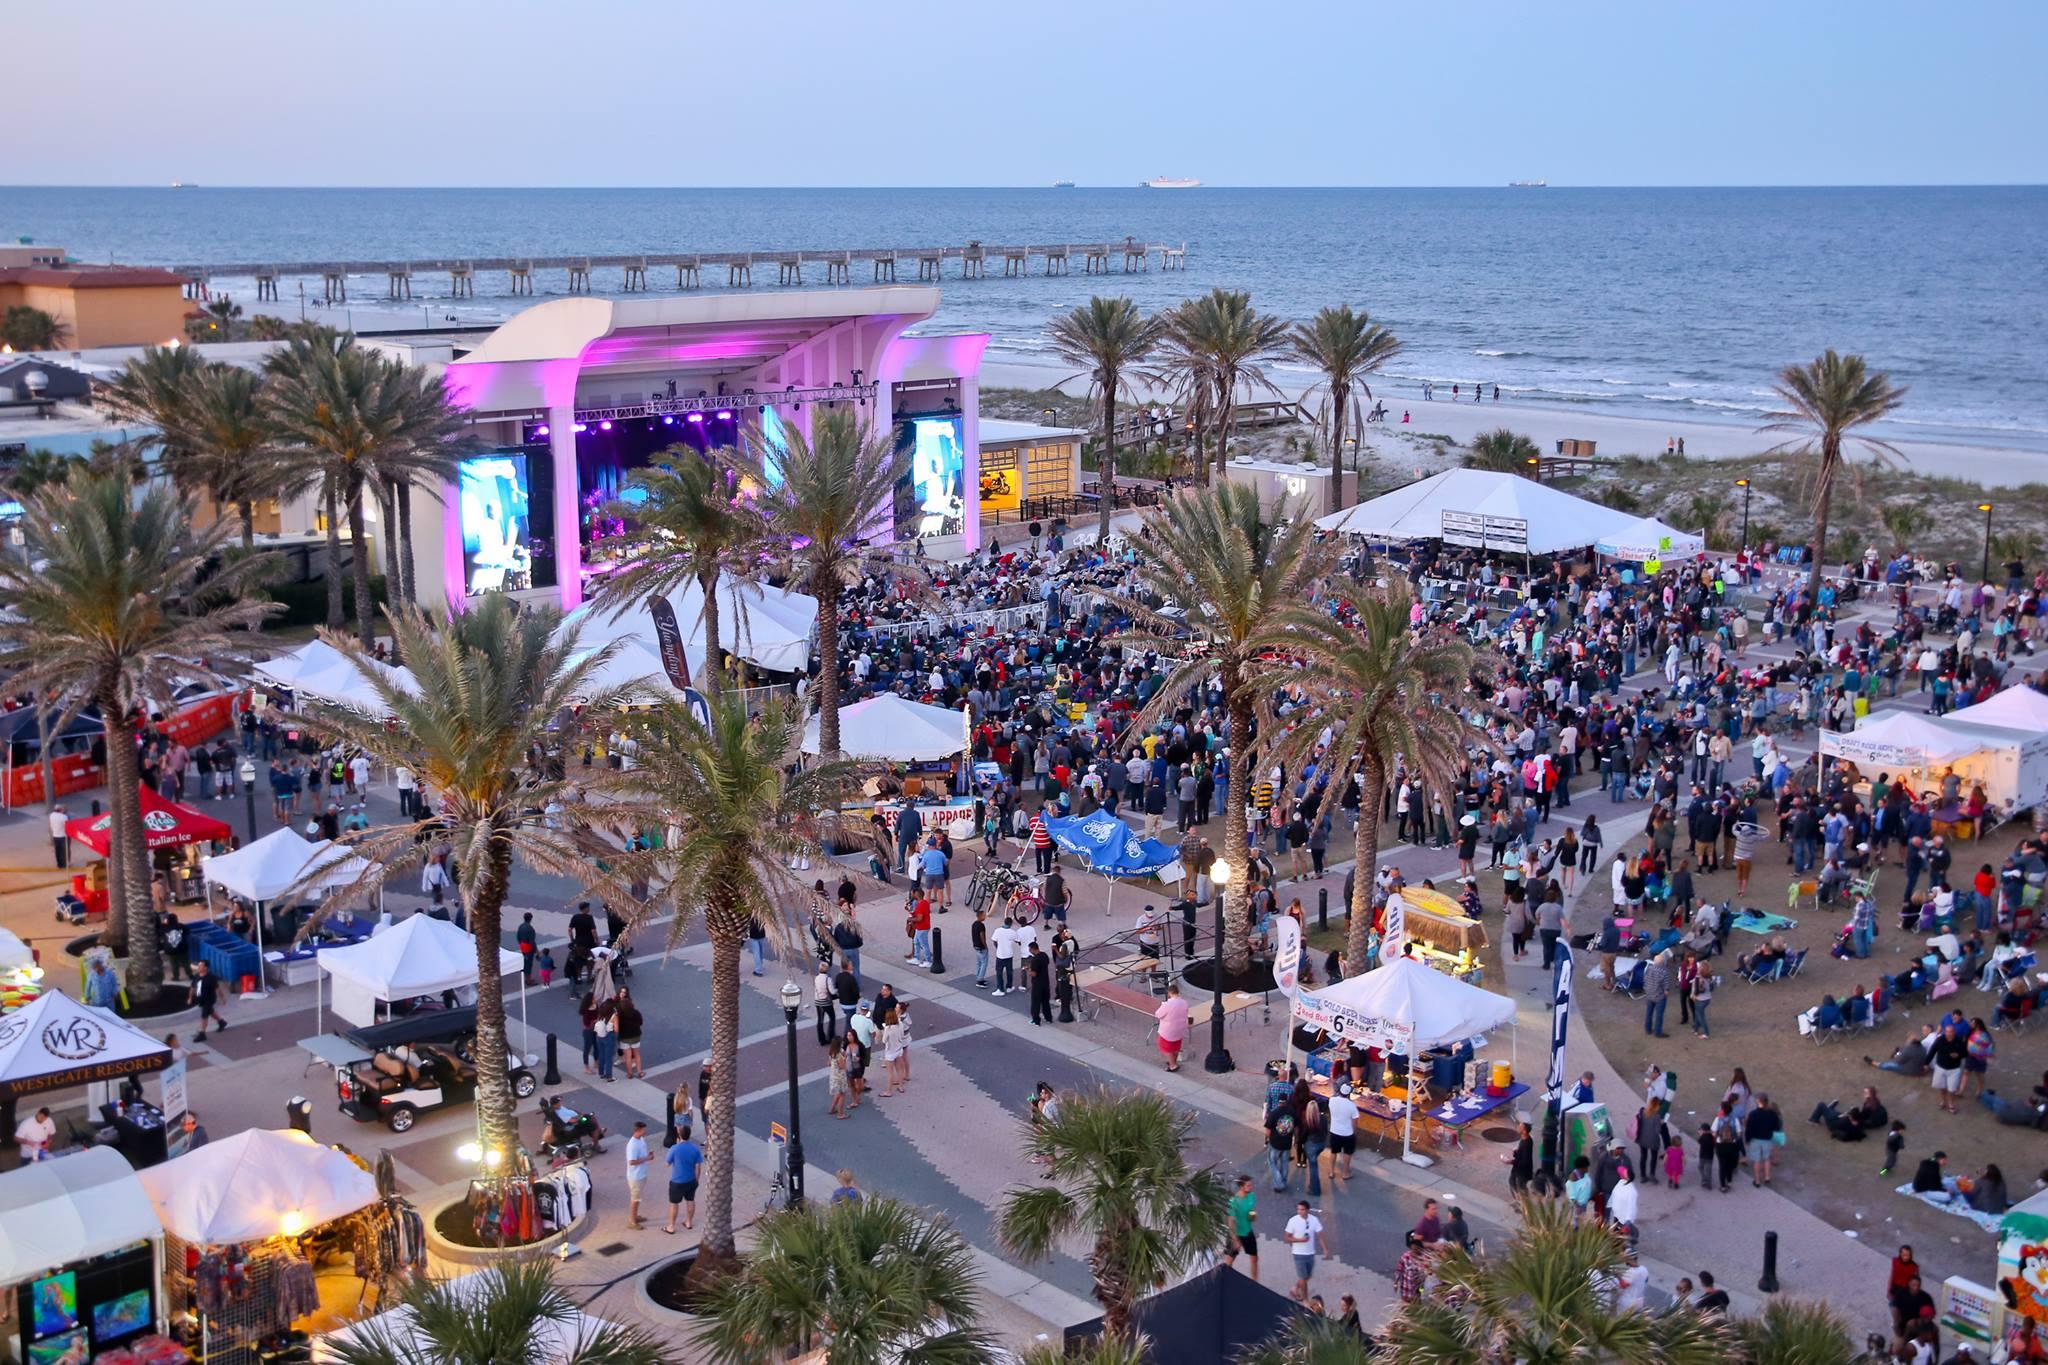 Best Music Festivals in Florida